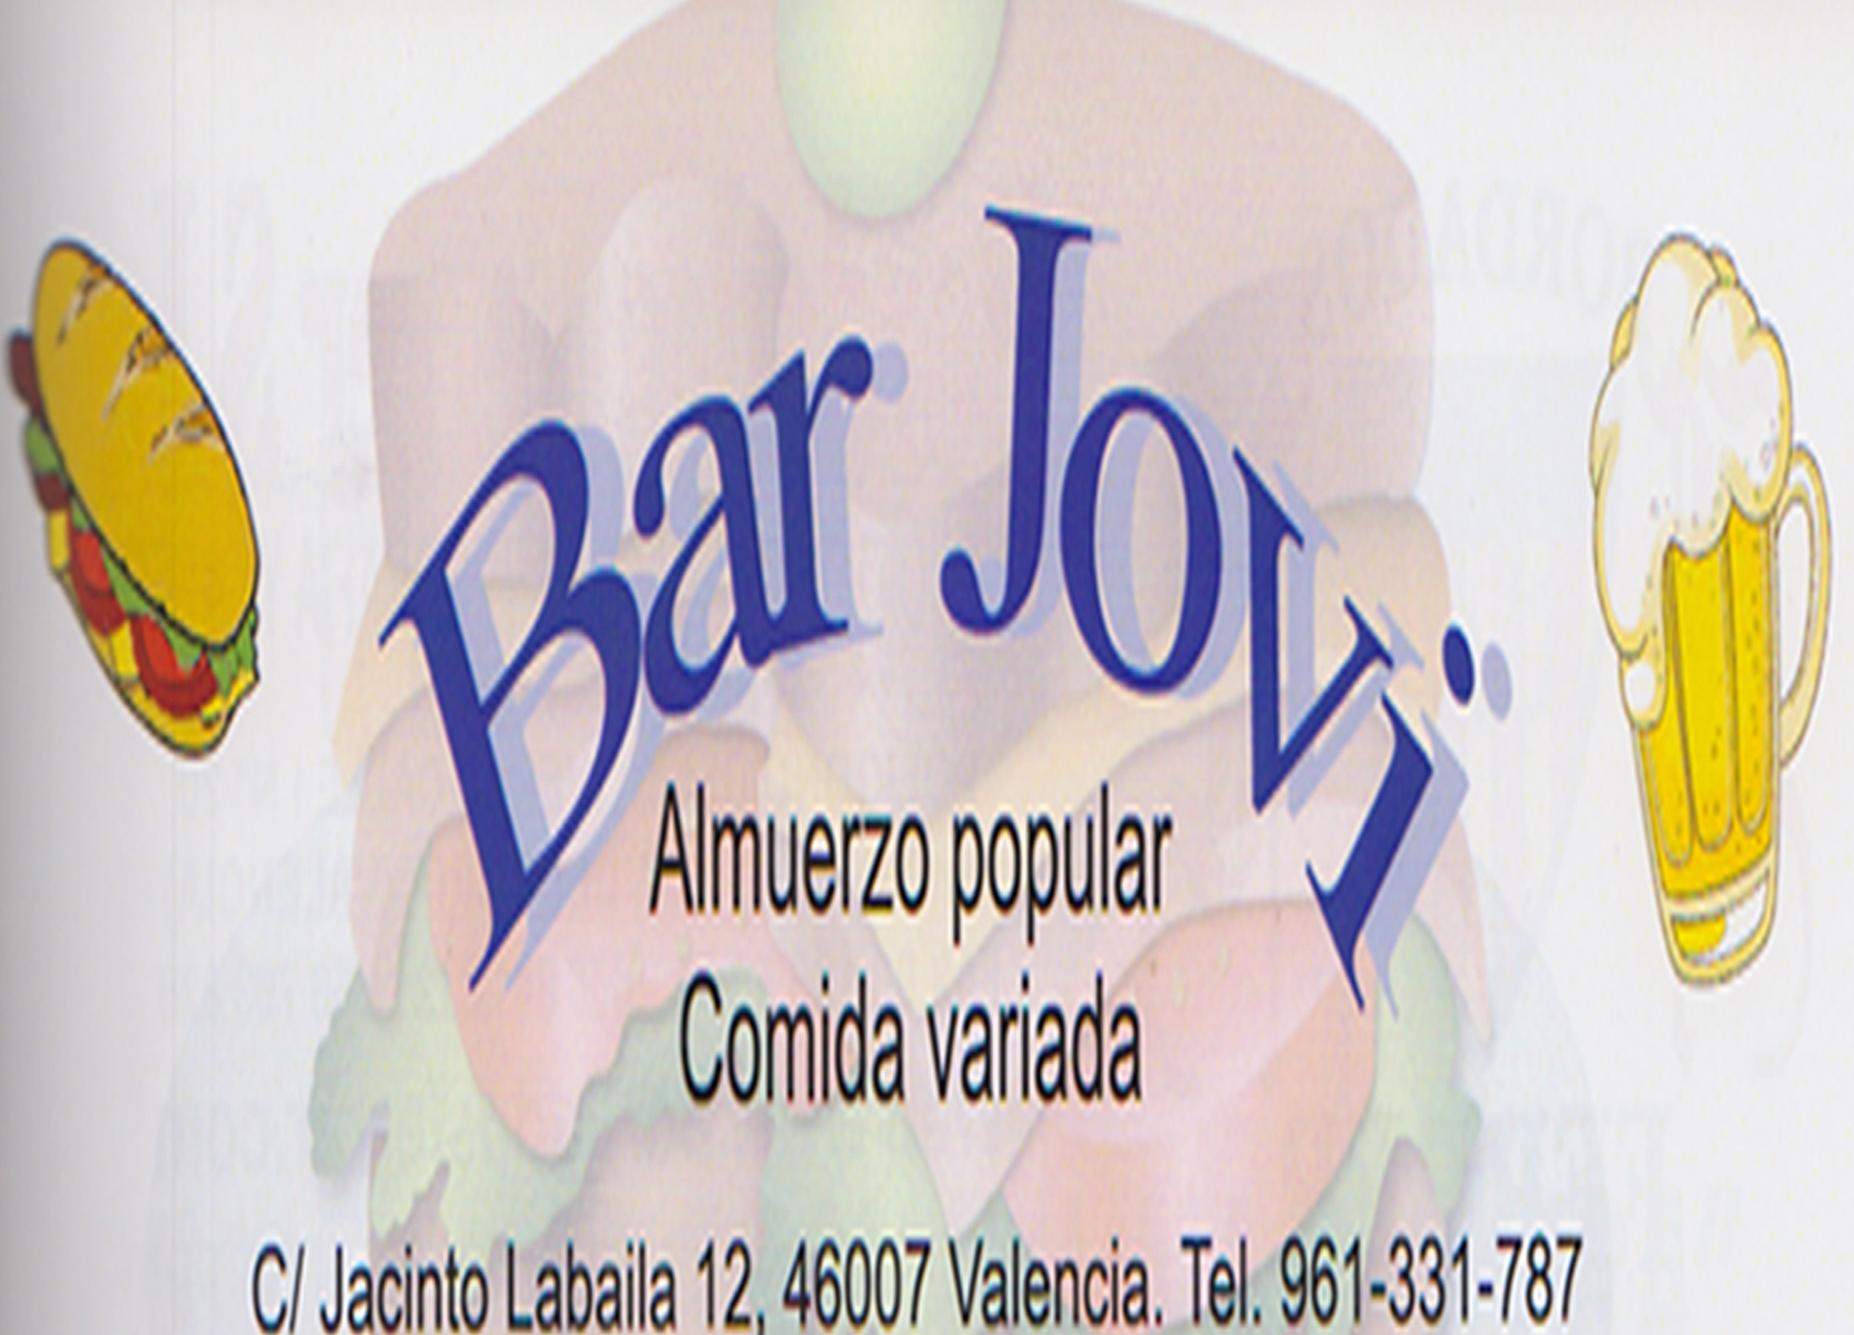 Bar Jovi